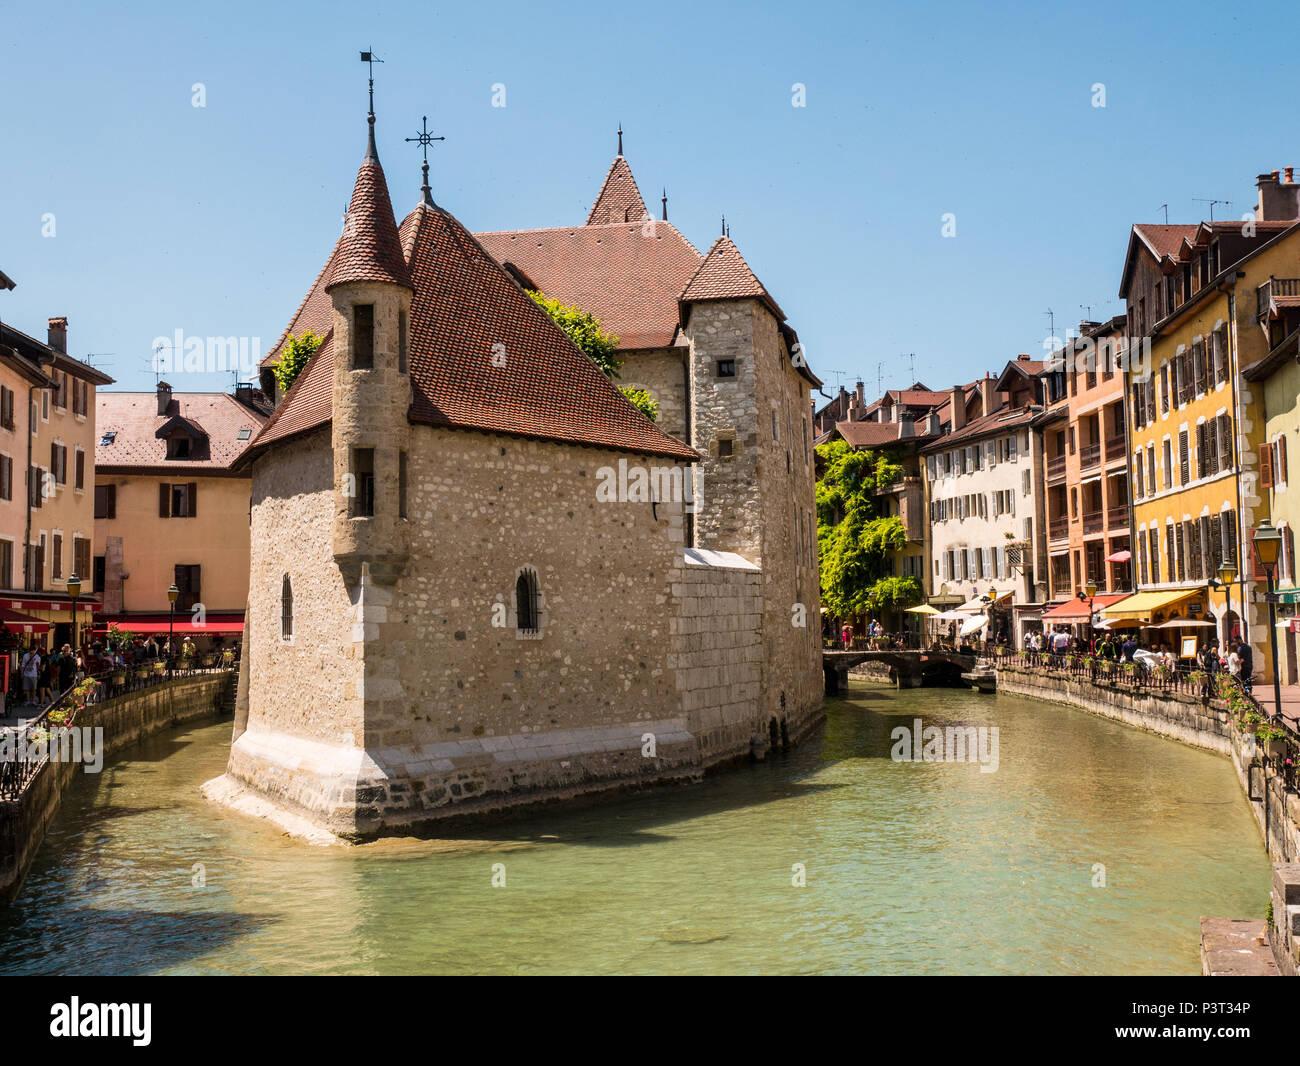 Stadtbild mit alten Gefängnis jetzt Museum in der Altstadt von Annecy. Frankreich Stockbild